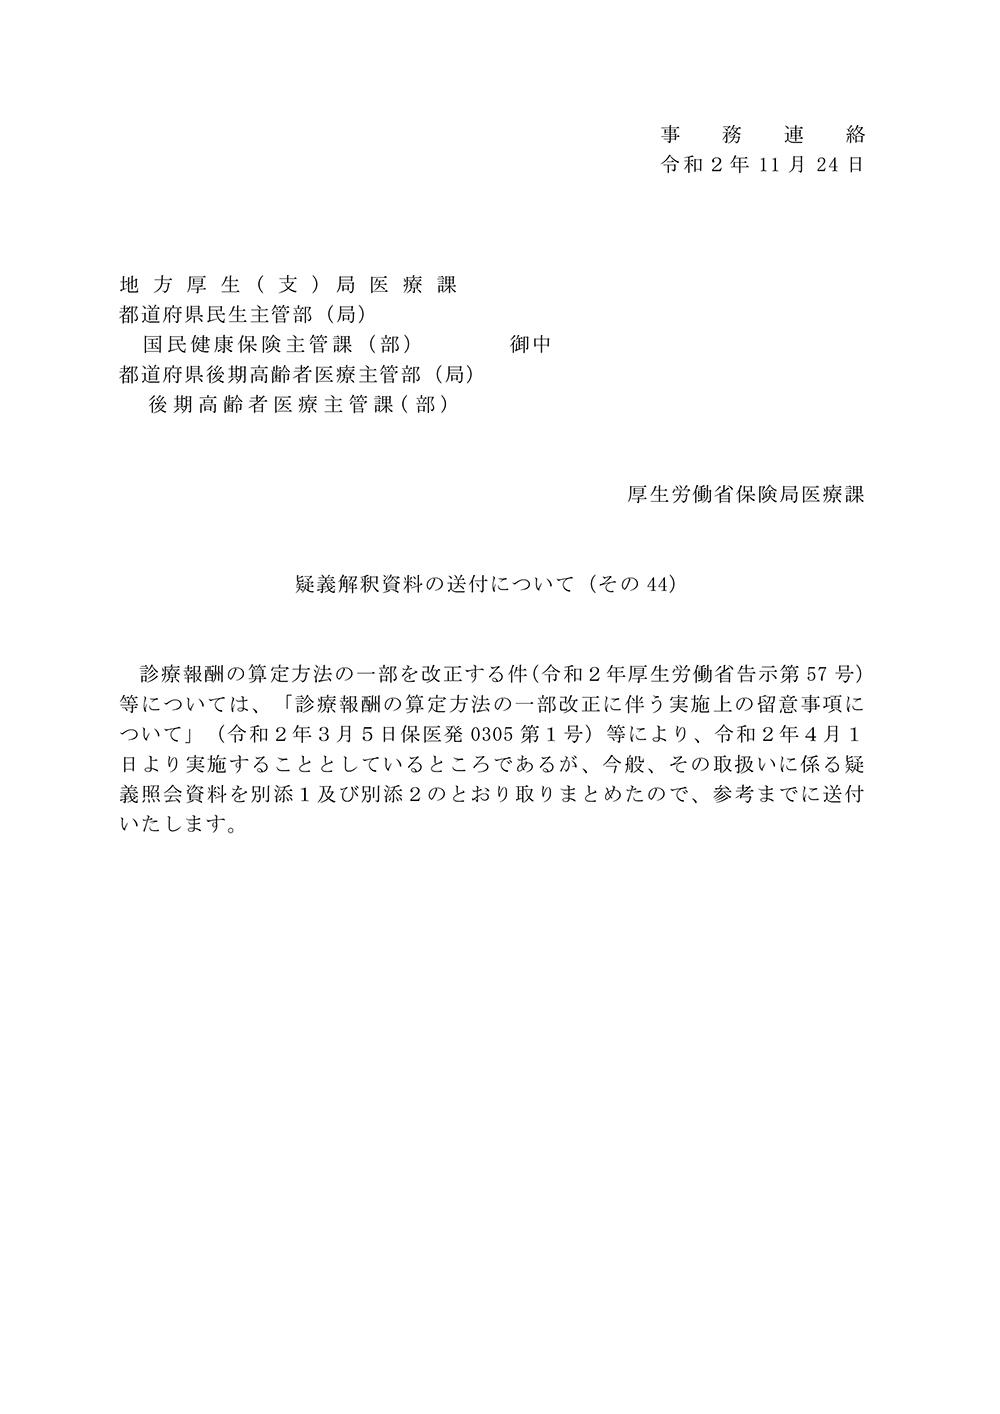 【保険】疑義解釈資料の送付について(その44